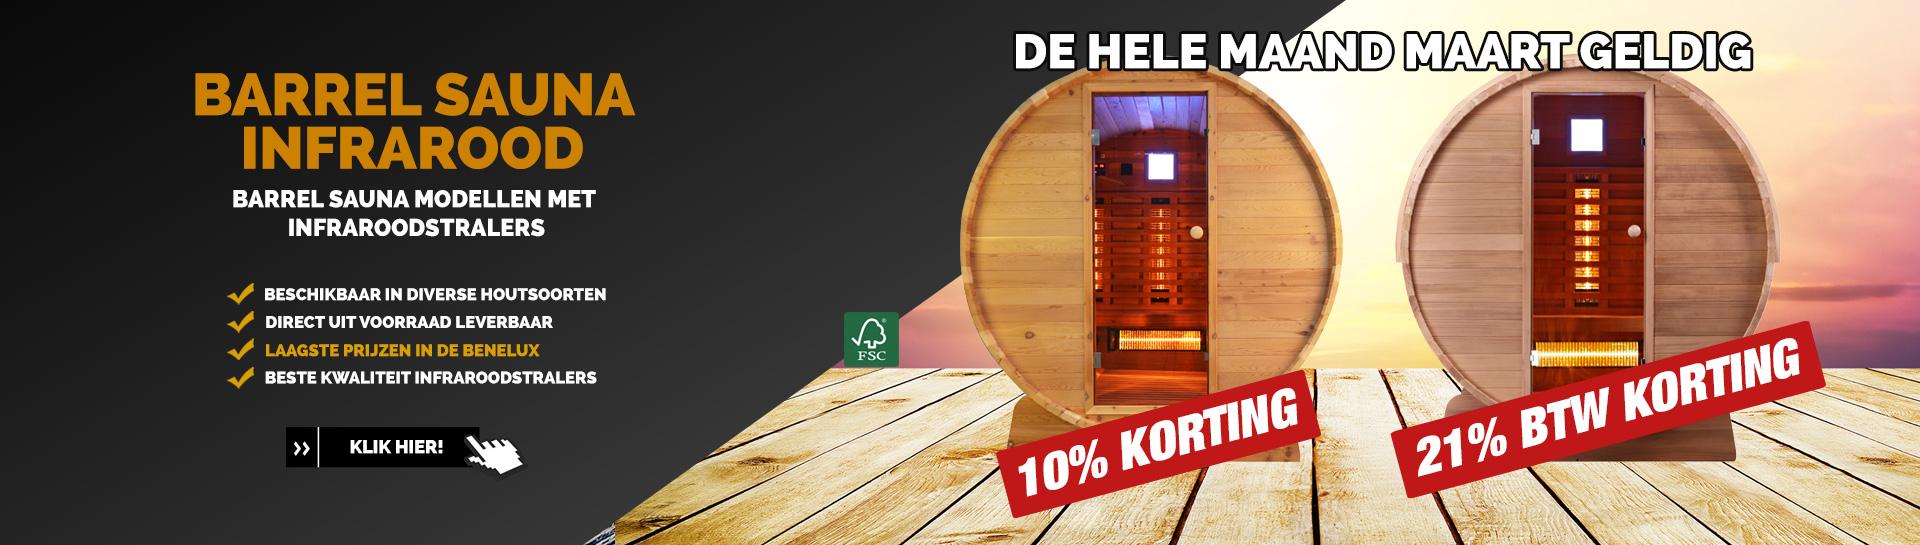 Barrel sauna infrarood actie